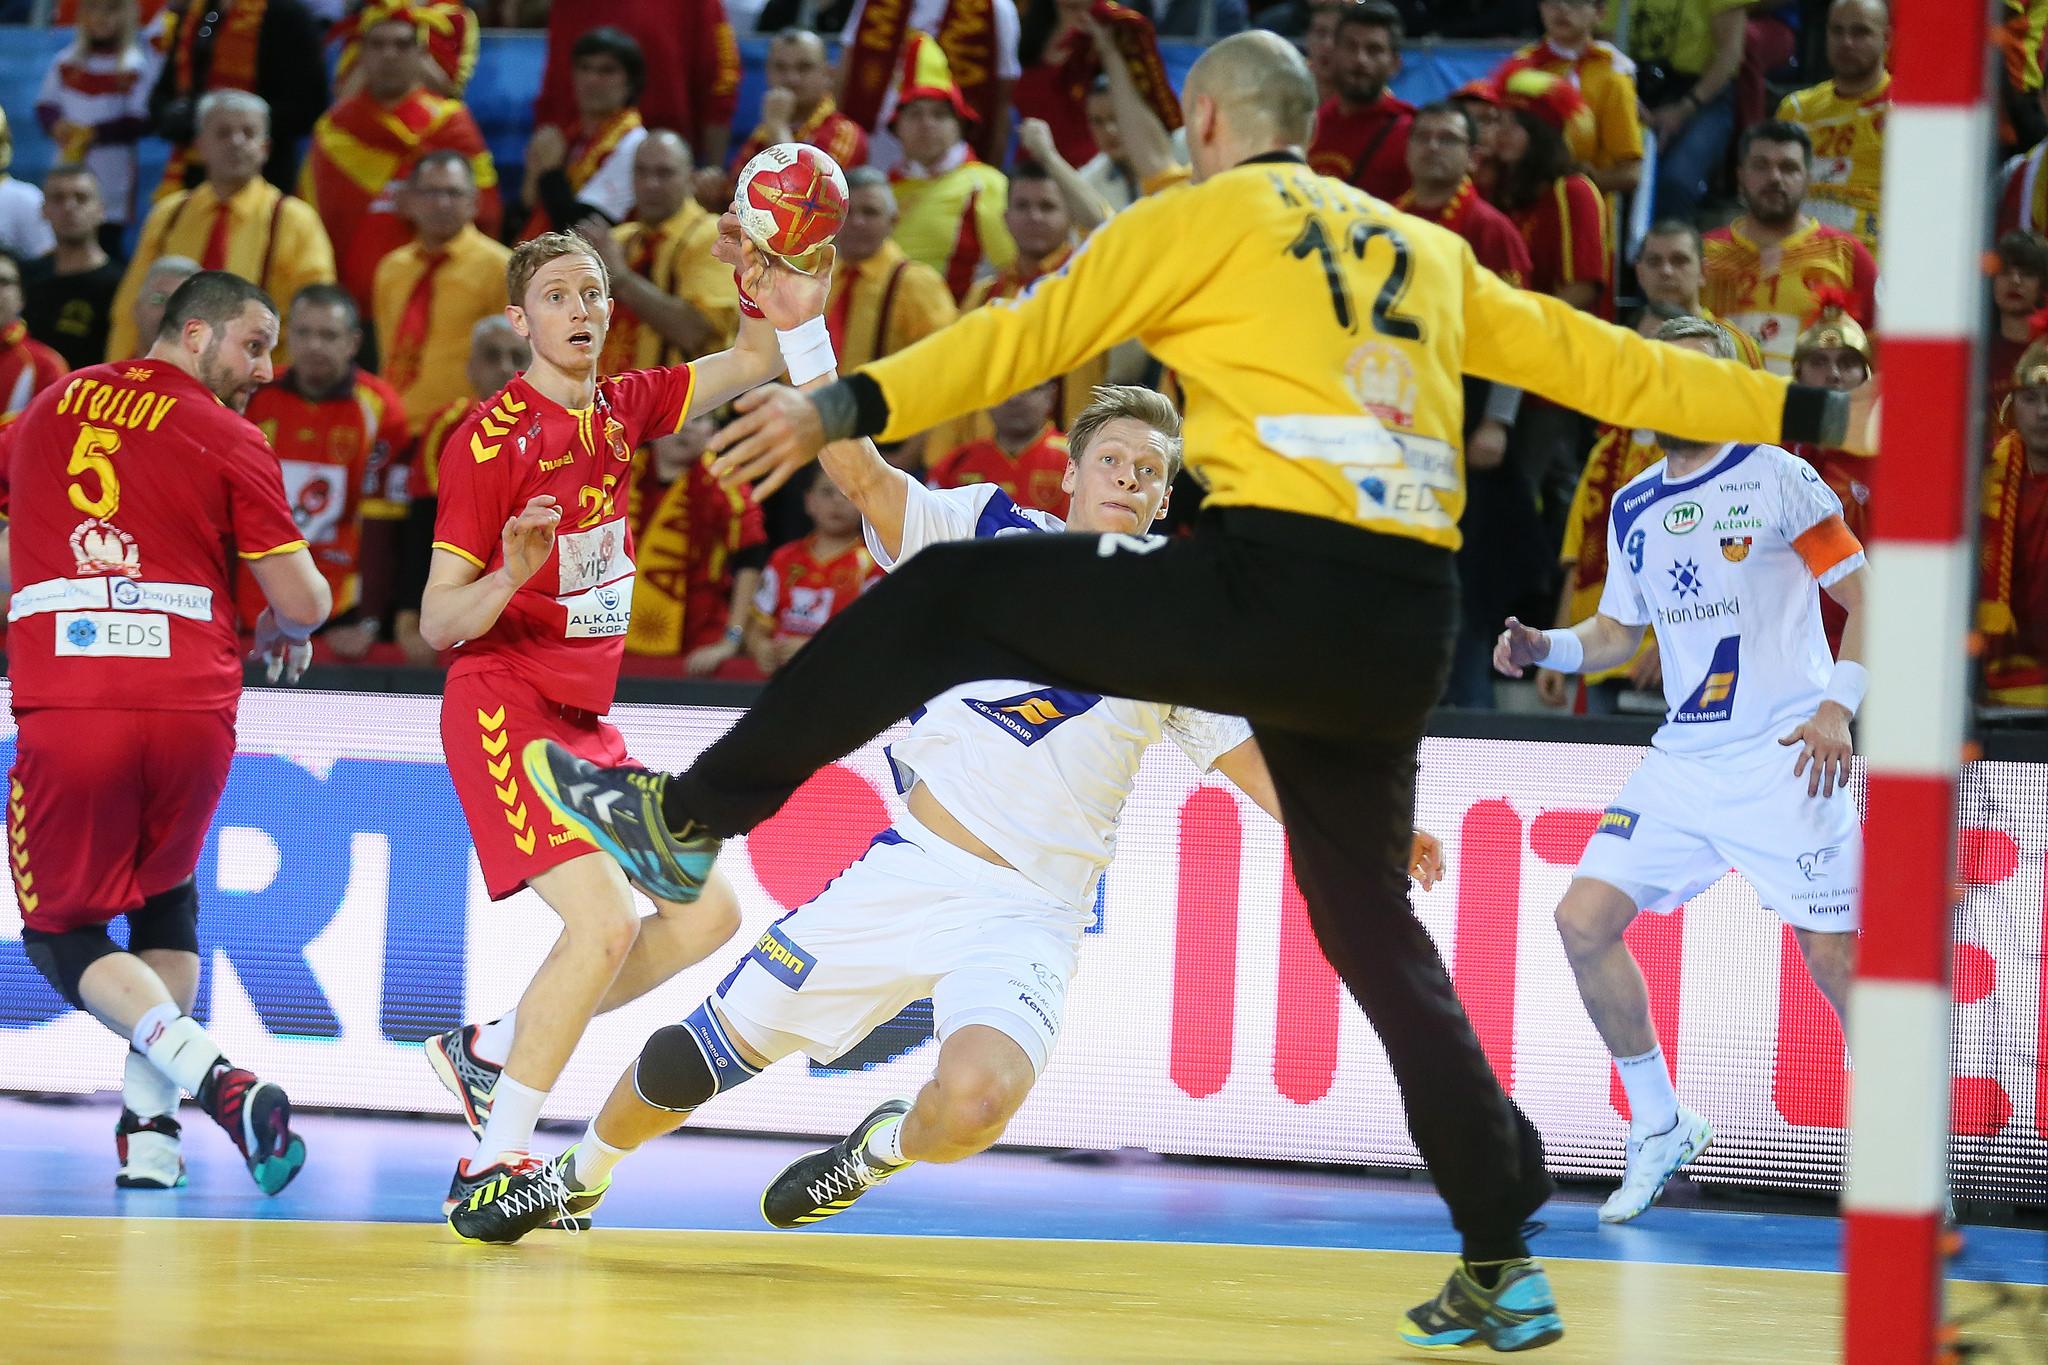 НЕРЕШЕНО ПРОТИВ ИСЛАНД: Македонија трета во групата, во осминафиналето ќе игра со Норвешка (ФОТО)